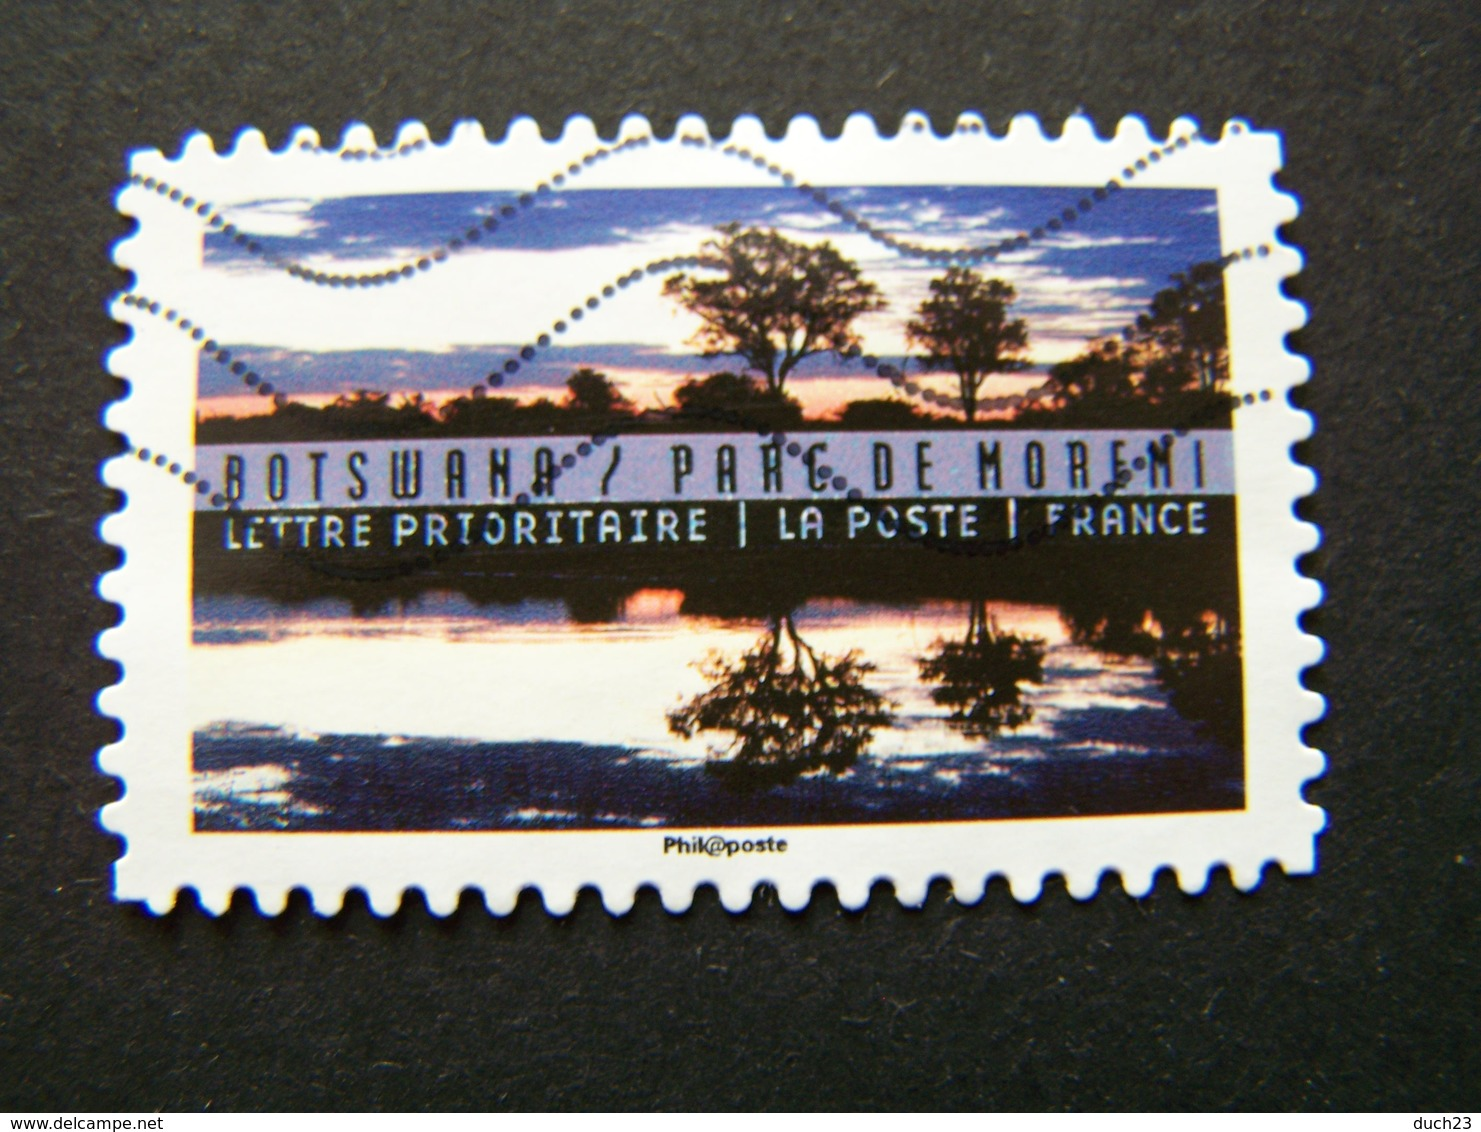 N°1365 BOTSWANA PARC DE MORENI OBLITERE ANNEE 2016 SERIE DU CARNET PAYSAGES ET REFLETS DU MONDE AUTOCOLLANT ADHESIF - France